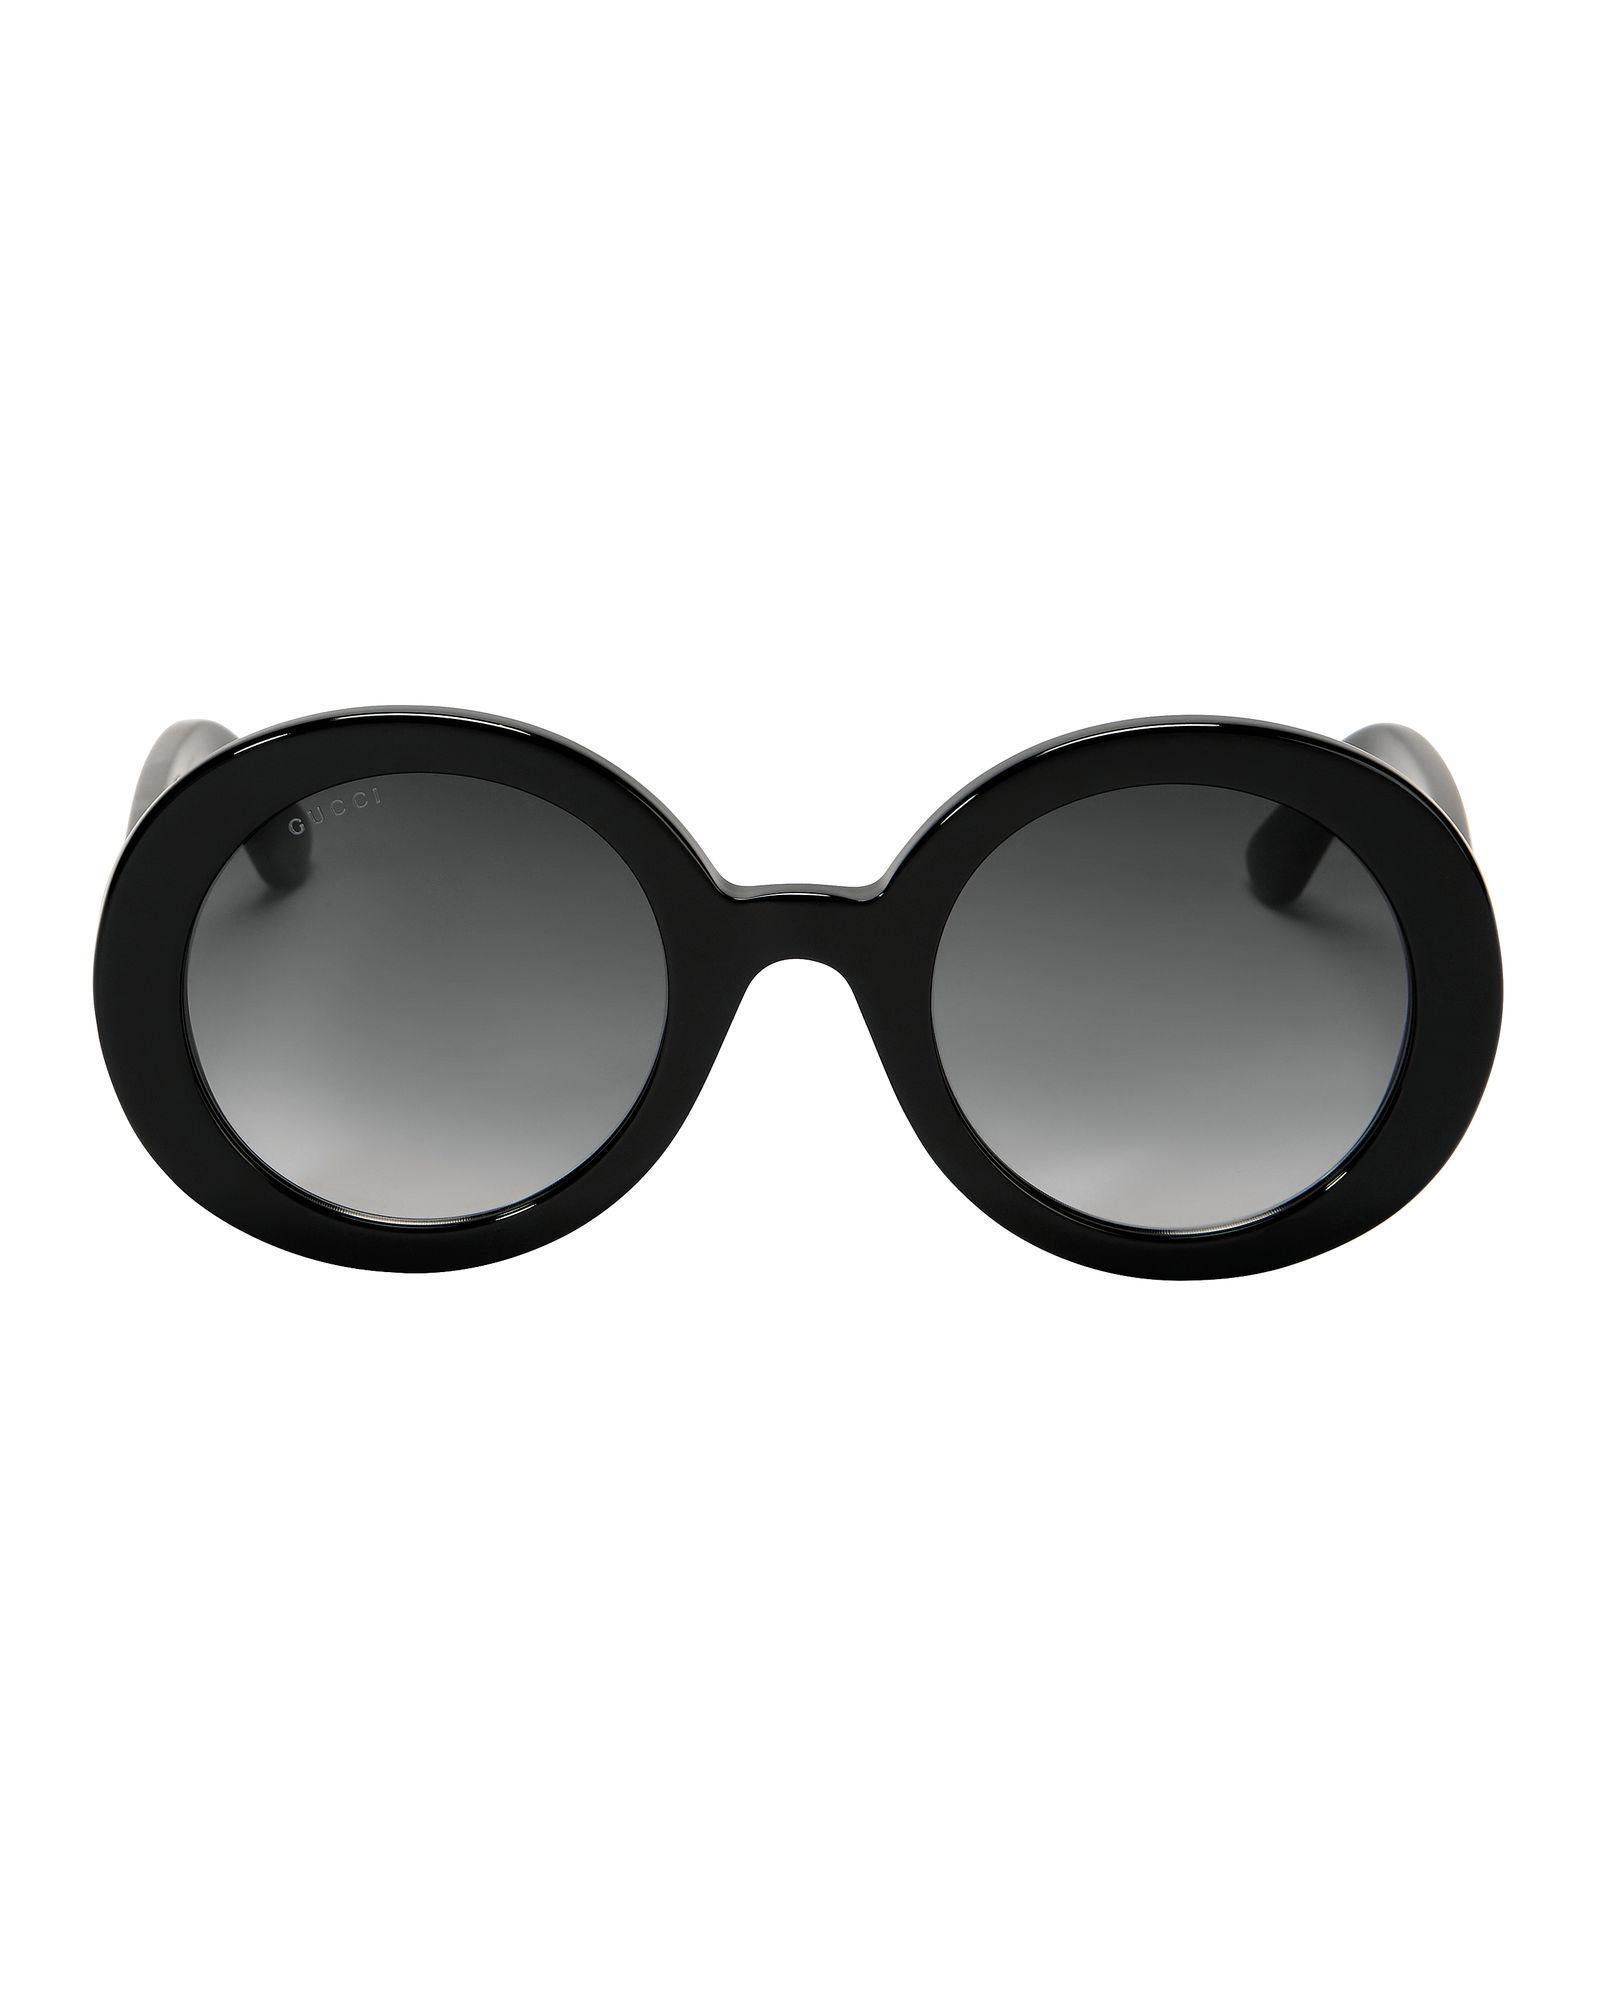 4641627b081 Gucci Black Round Sunglasses